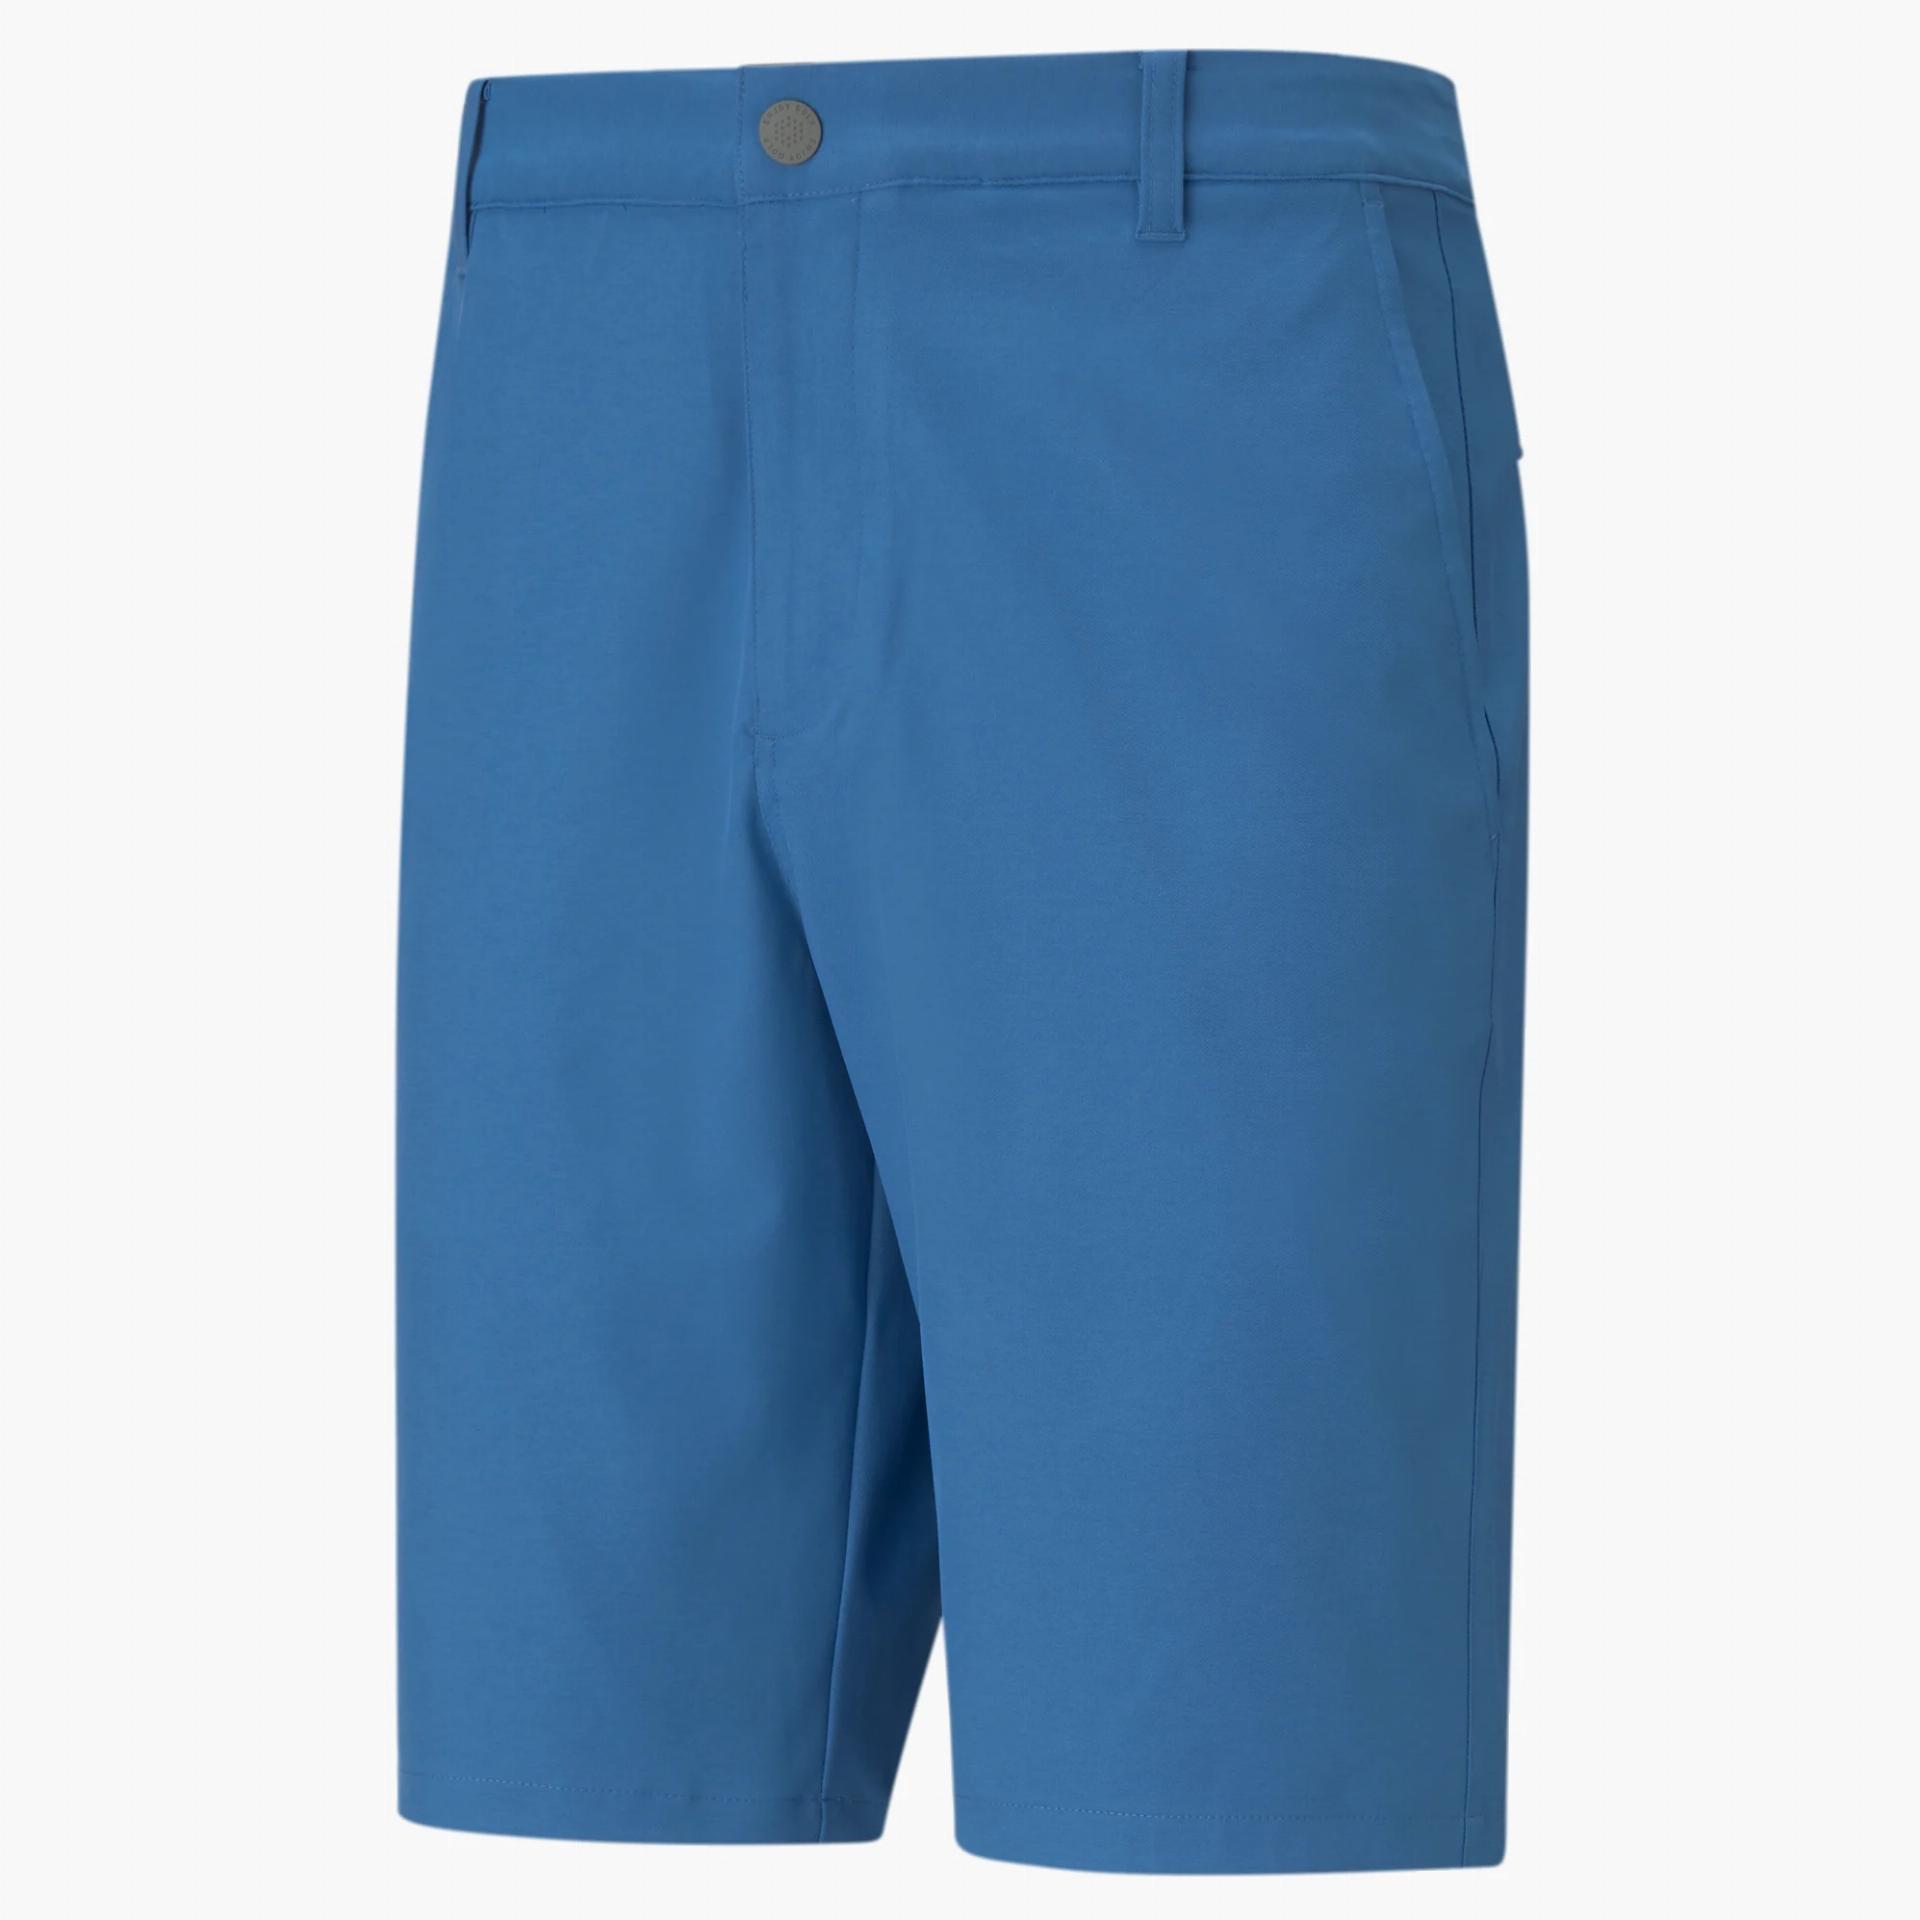 Jackpot Short, blue